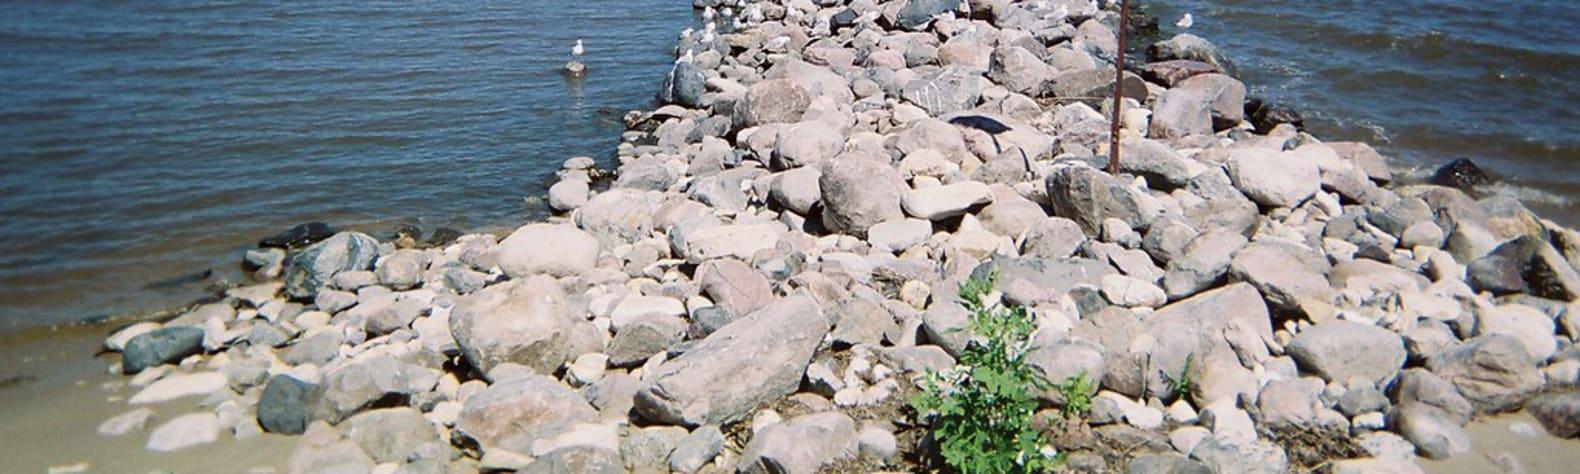 Winnipeg Beach Provincial Park